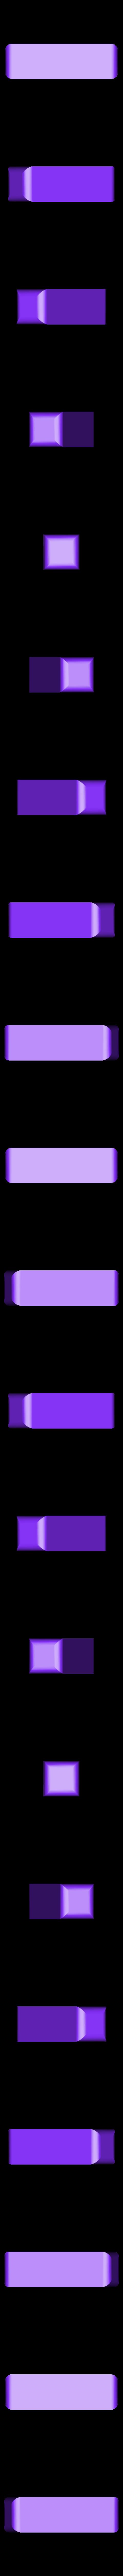 OrbPin.STL Télécharger fichier STL gratuit La baguette de Marco • Plan pour imprimante 3D, Vexelius